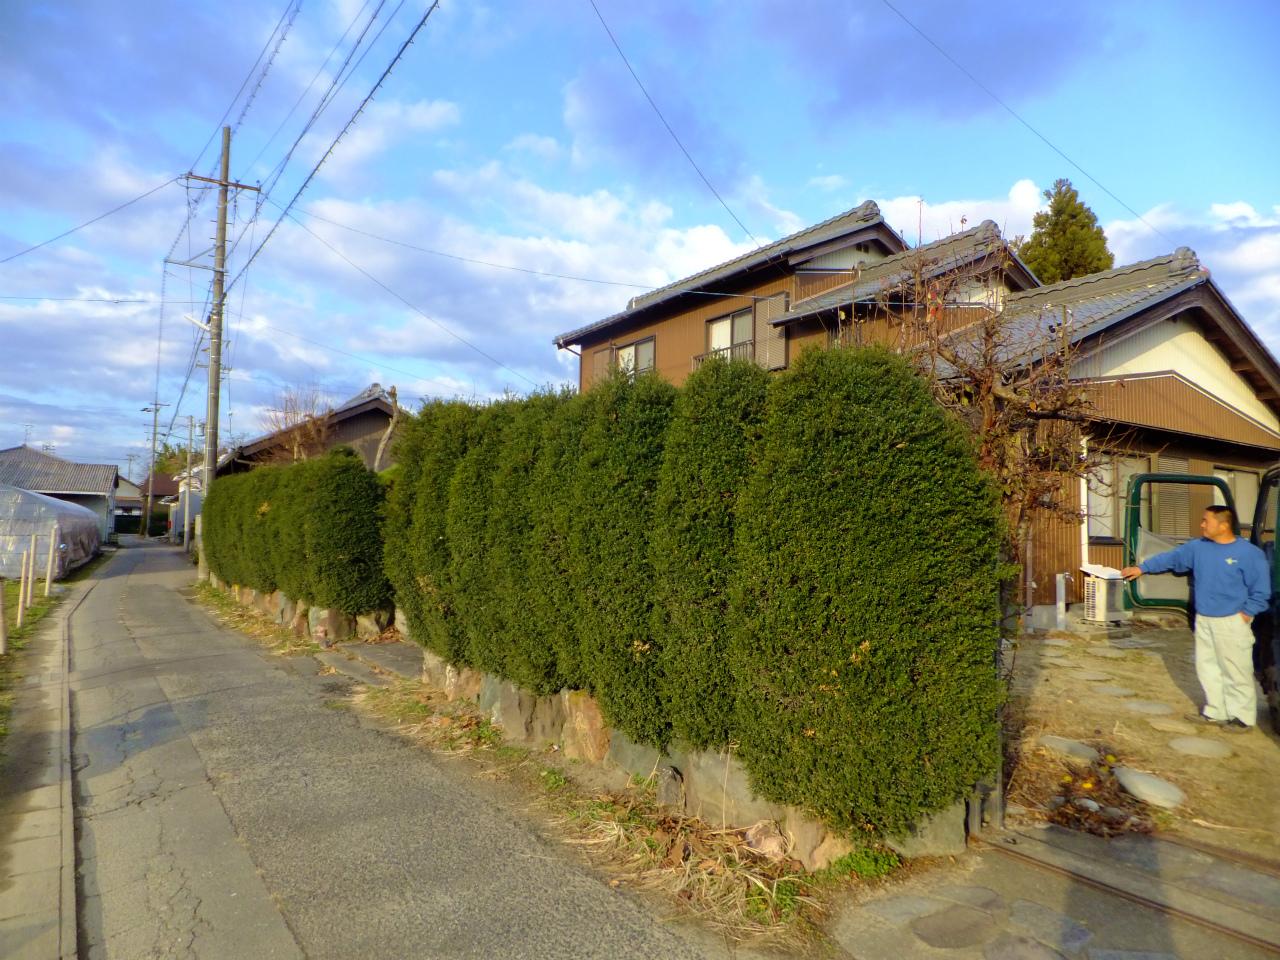 生垣刈込 名古屋・愛知の植木屋